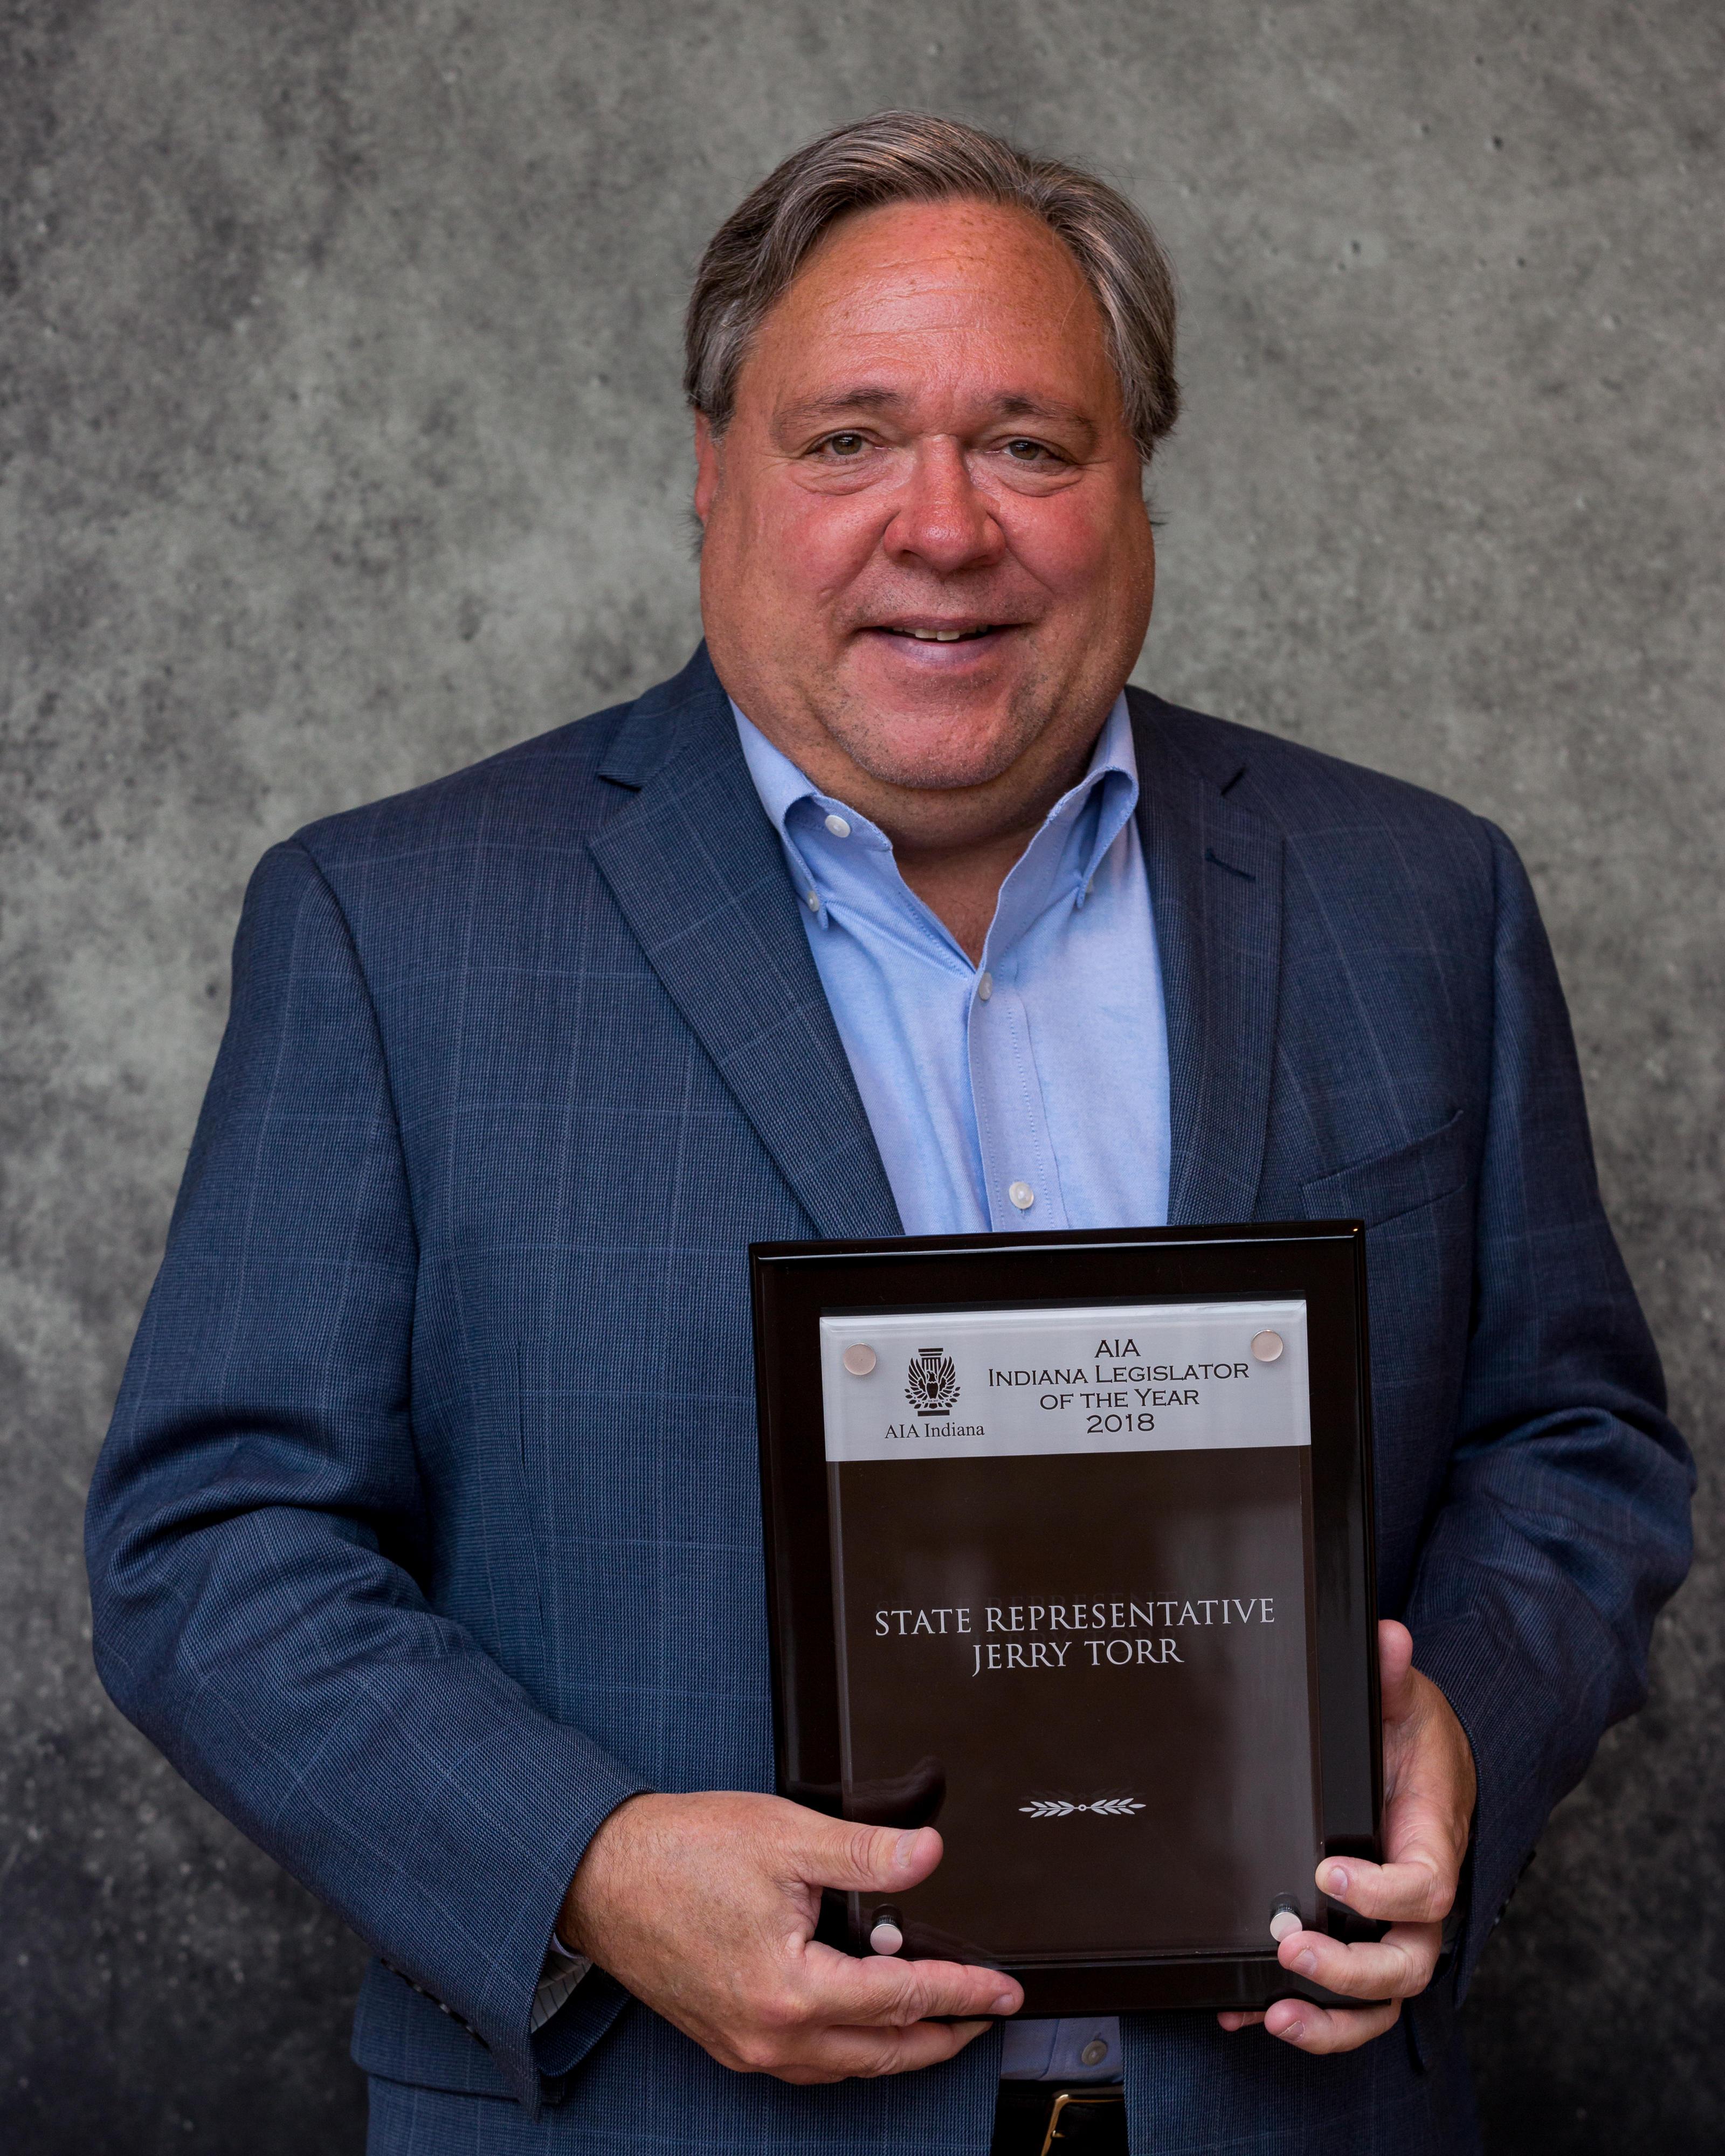 AIA Indiana Awards September 27 2018 Tony Vasquez 10b